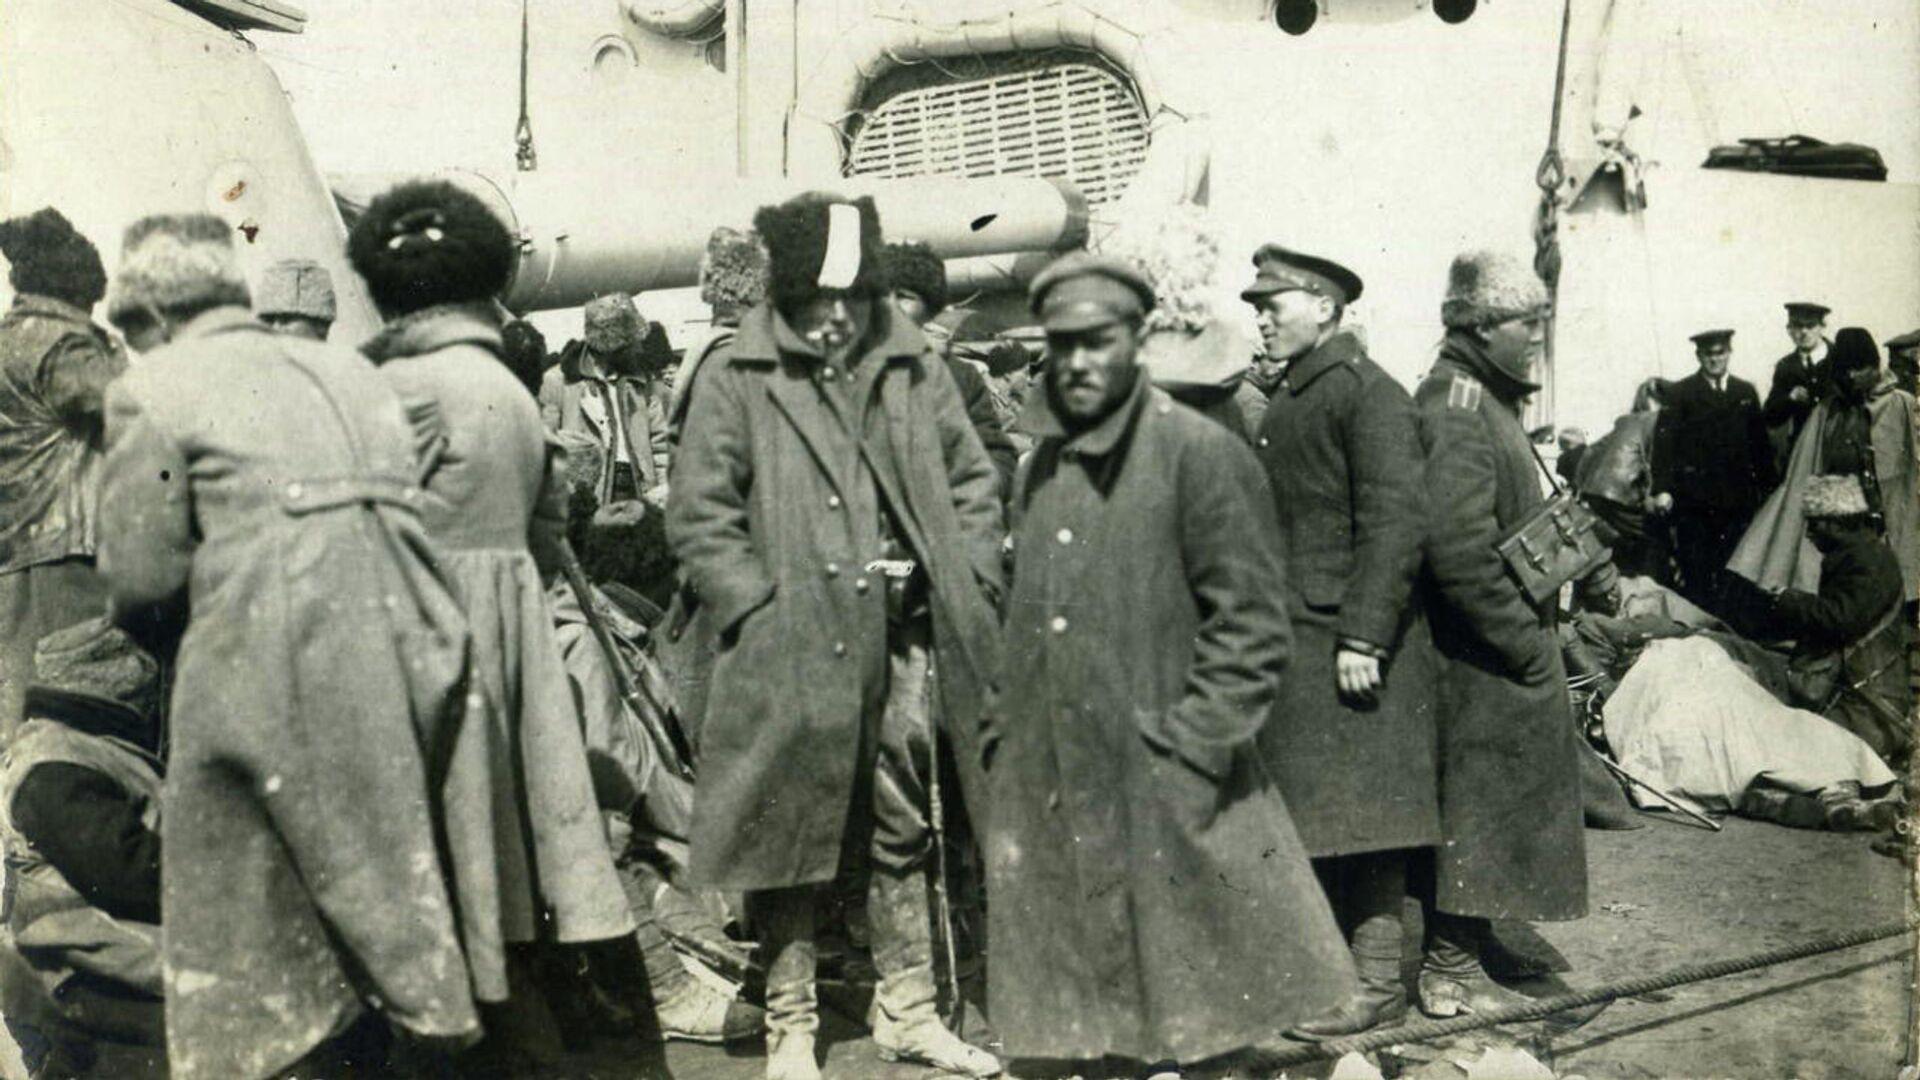 Крымская эвакуация, 1920 год - РИА Новости, 1920, 16.11.2020